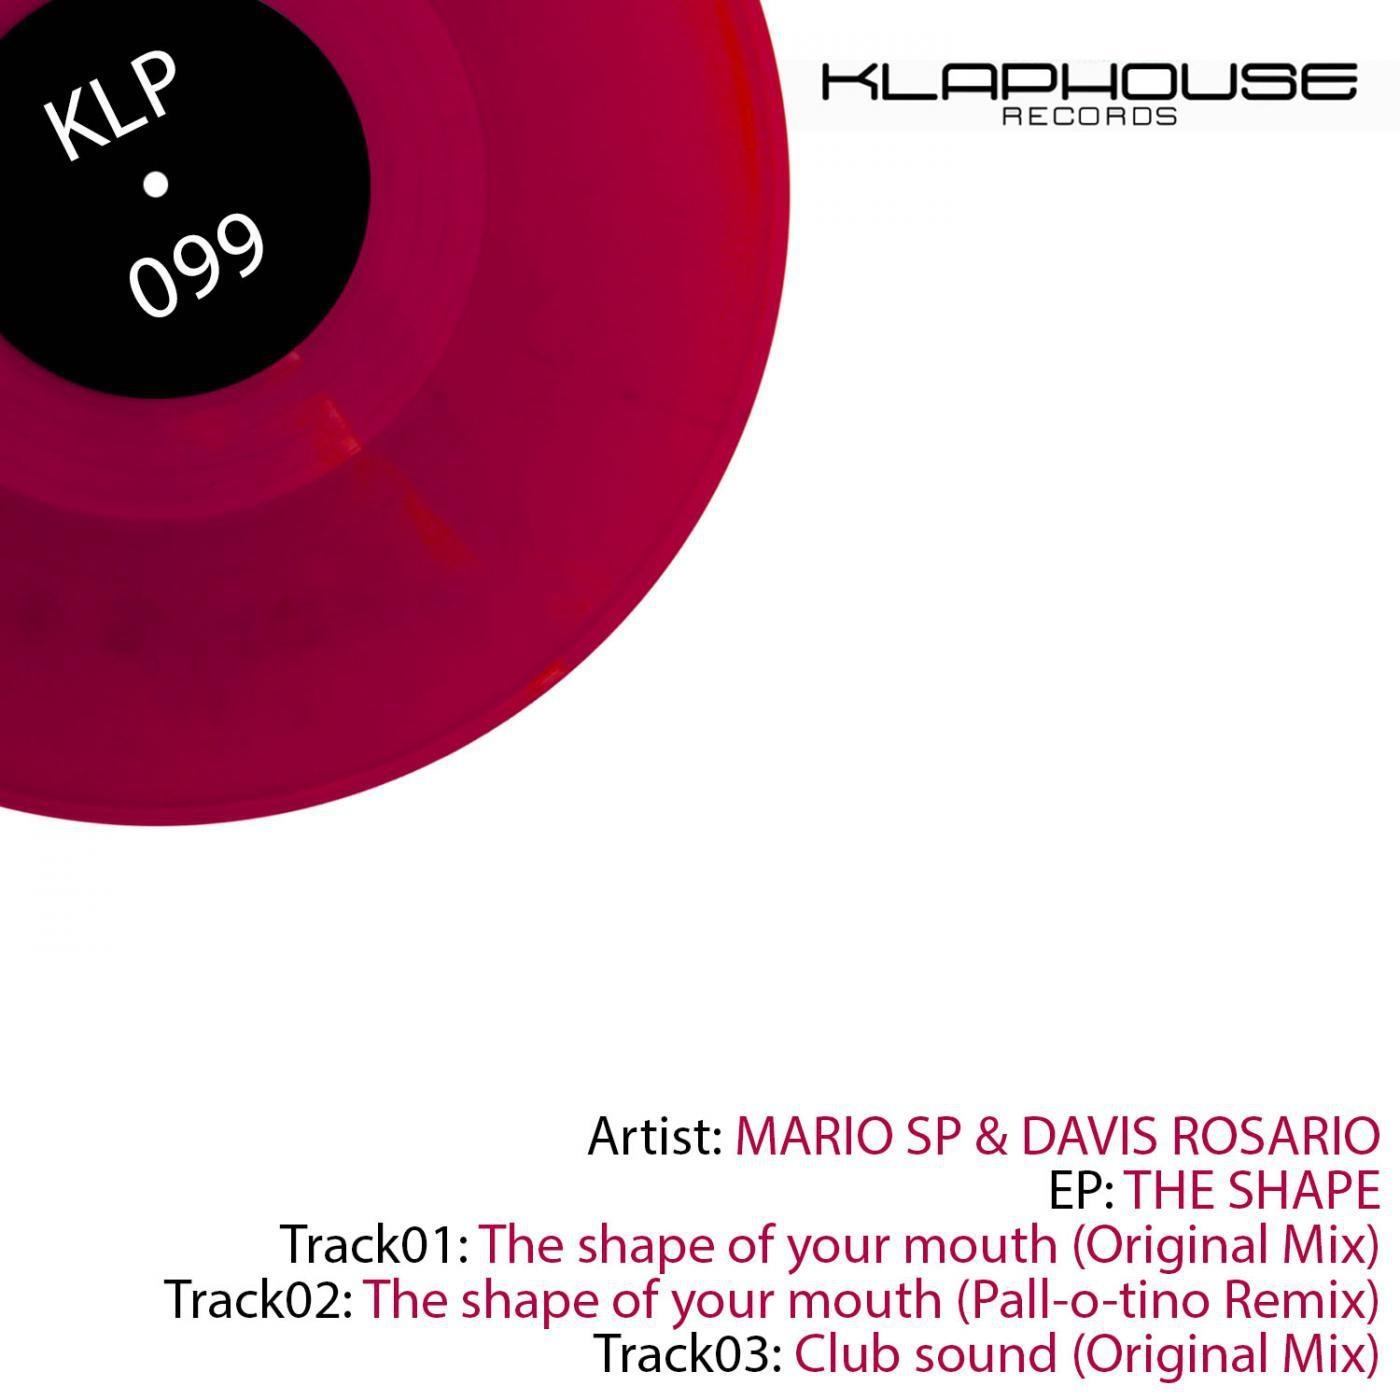 Mario SP & Davis Rosario - The Shape Of Your Mouth (Original mix)